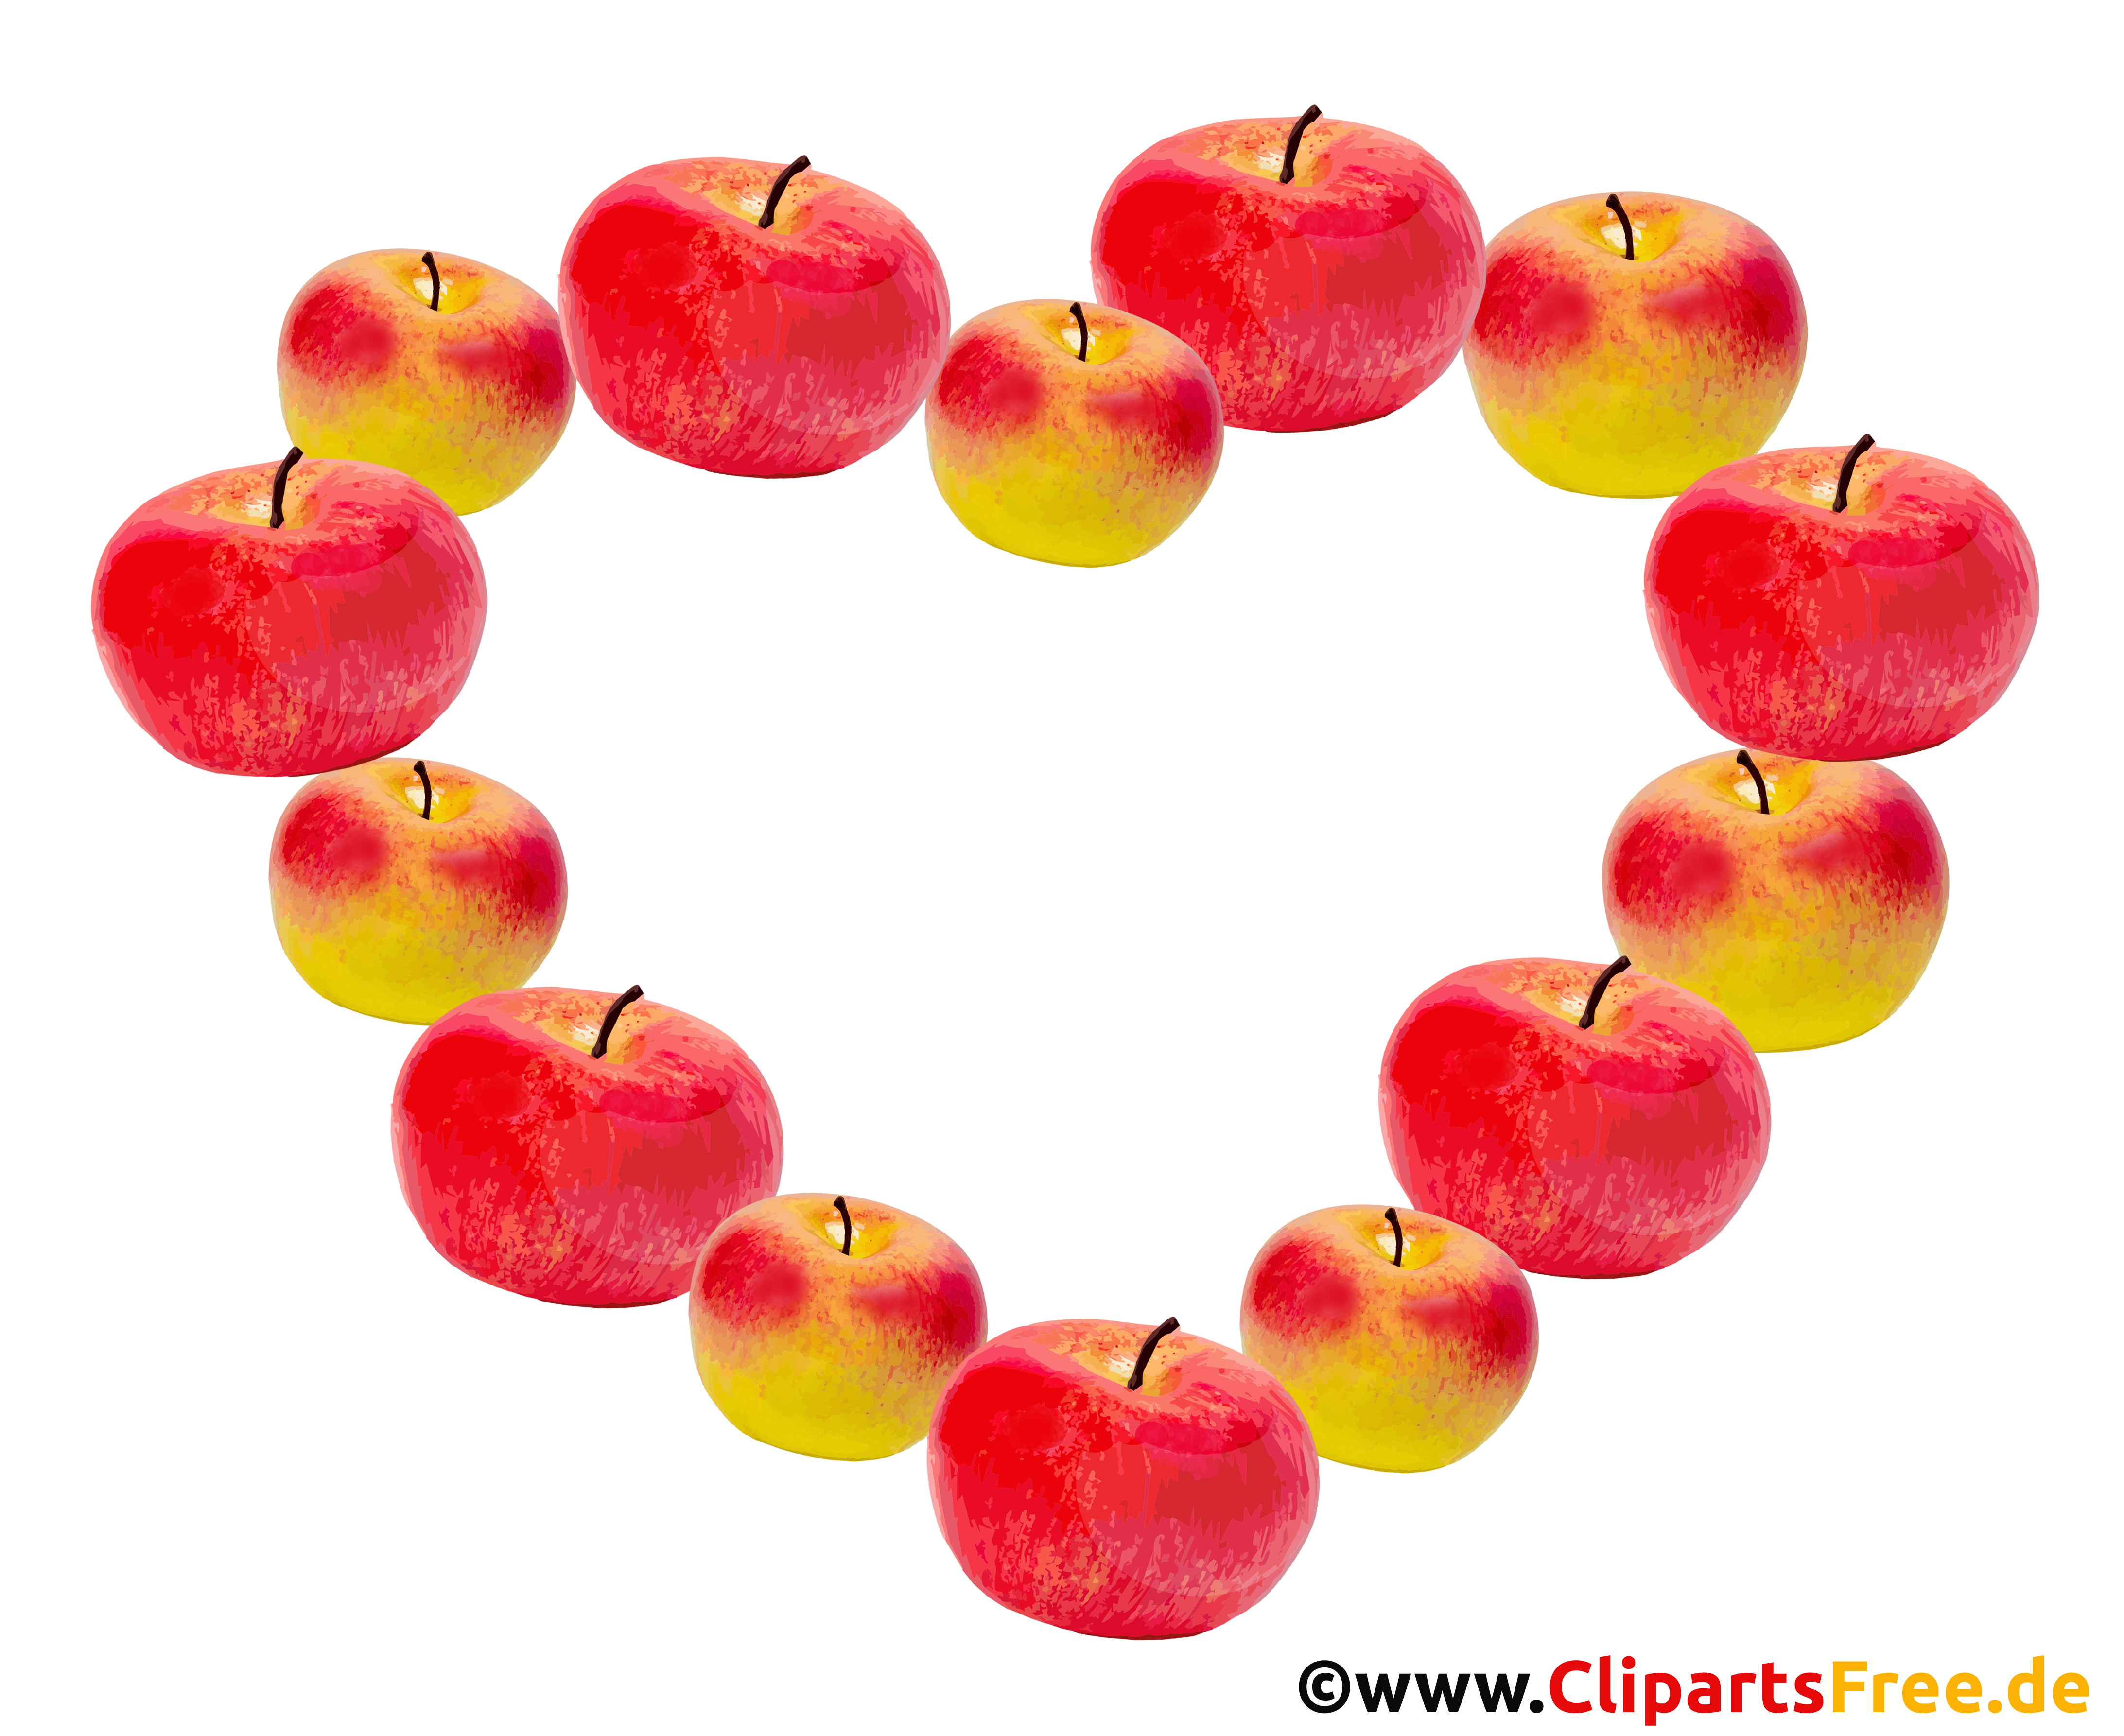 Bild-Rahmen aus Äpfeln - Herbst Bilder mit transparentem Hintergrund